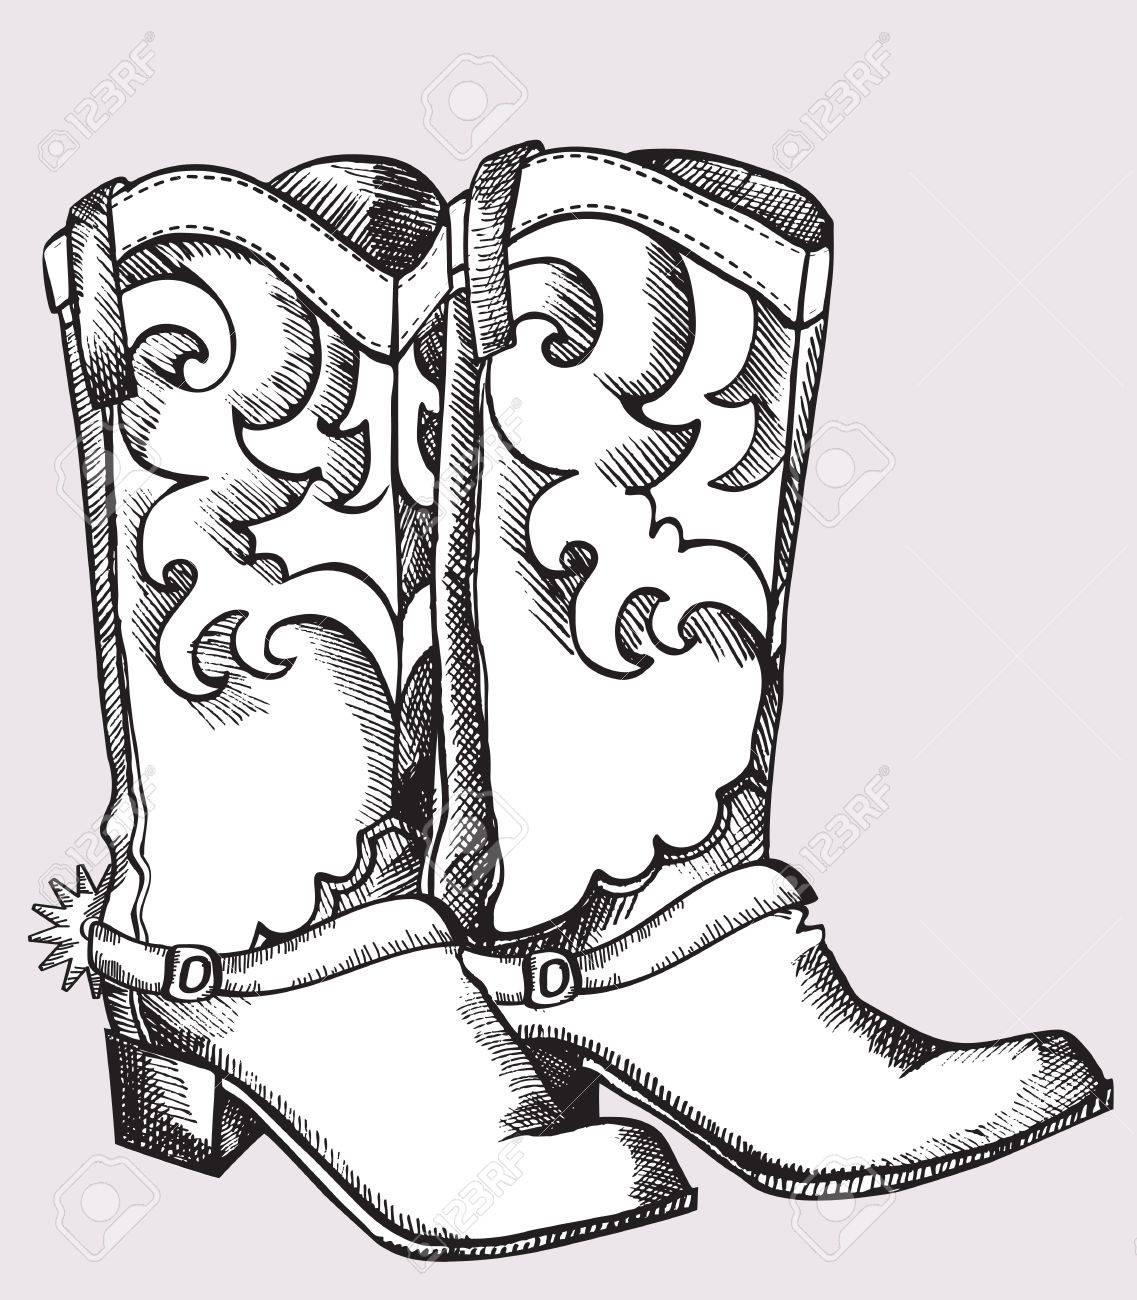 Botas de Cowboy.Imagen gráfica de vector de zapatos para la vida de vaquero  Foto 554cf5753a5